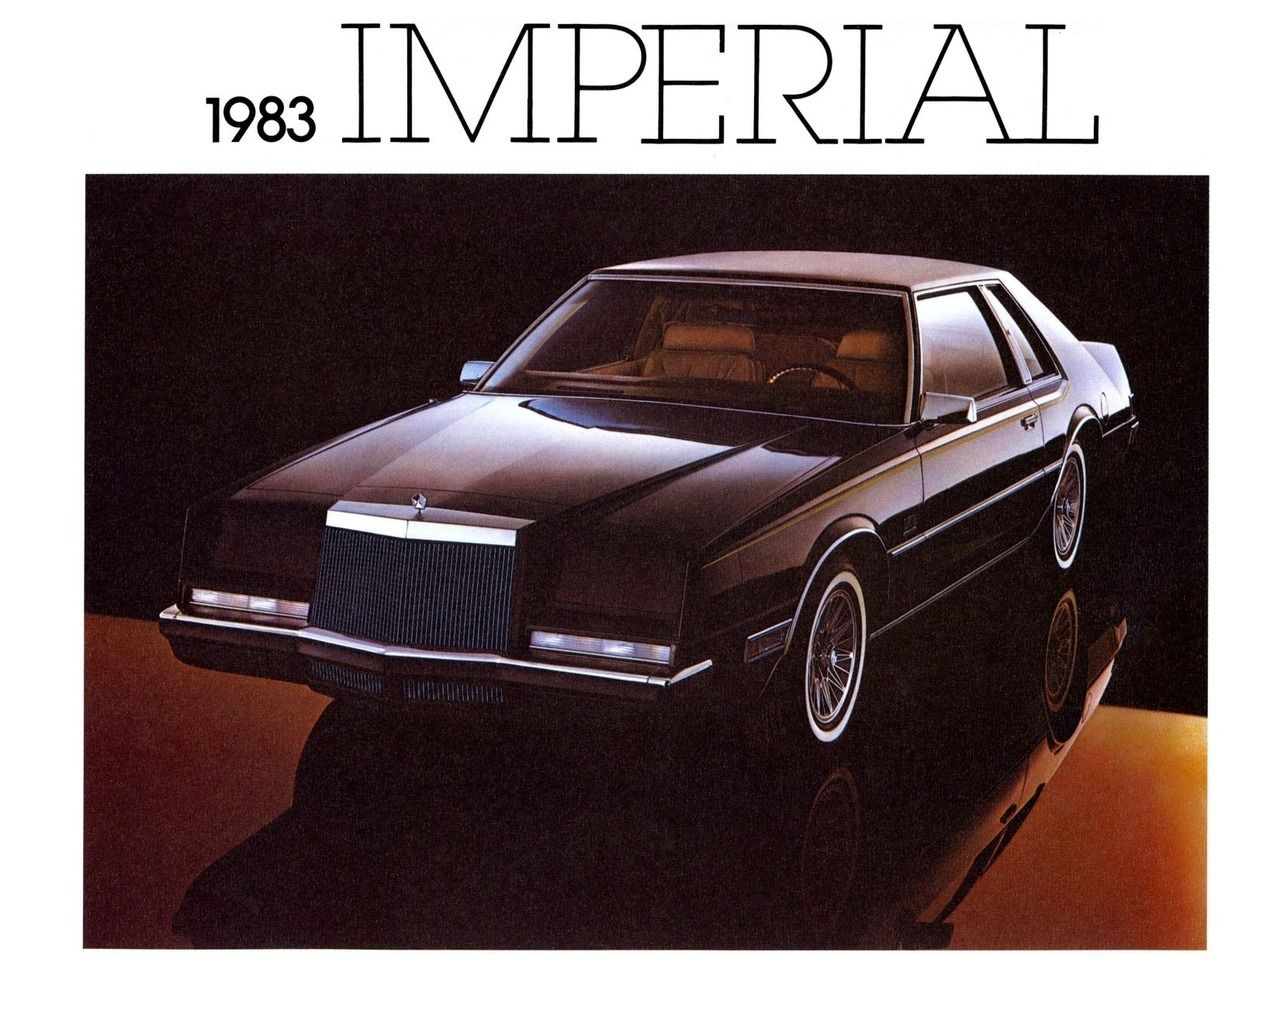 1983 Chrysler Imperial Chrysler Cars Chrysler Imperial Used Cars